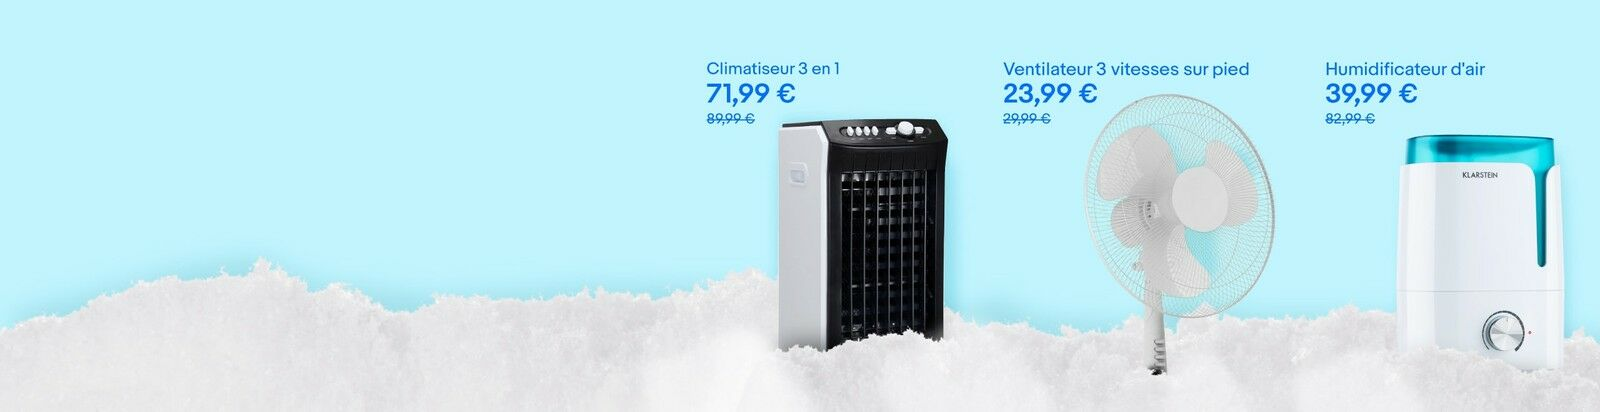 Ventilateurs, climatiseurs en promo - Jusqu'à 40% de réduction